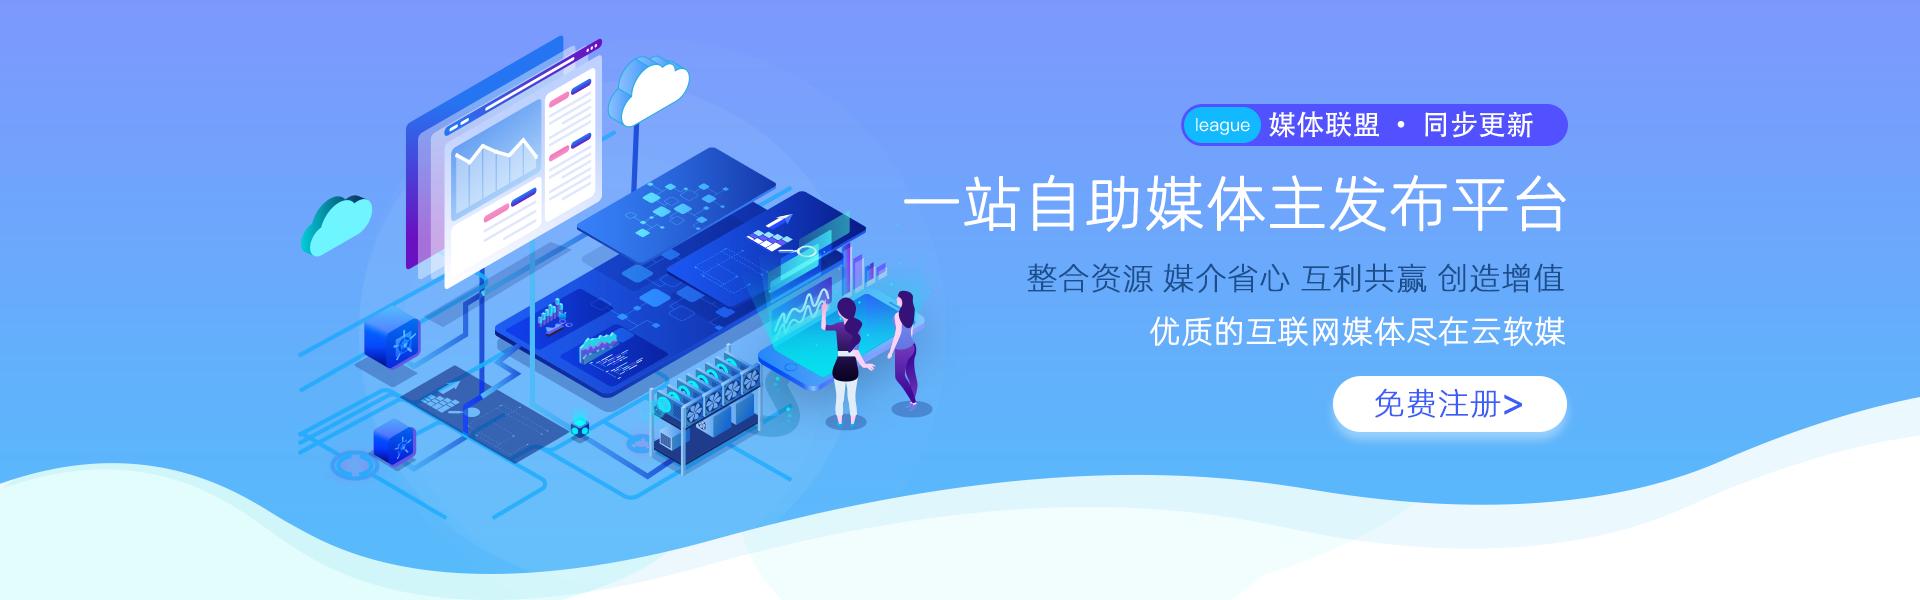 云软媒媒介平台